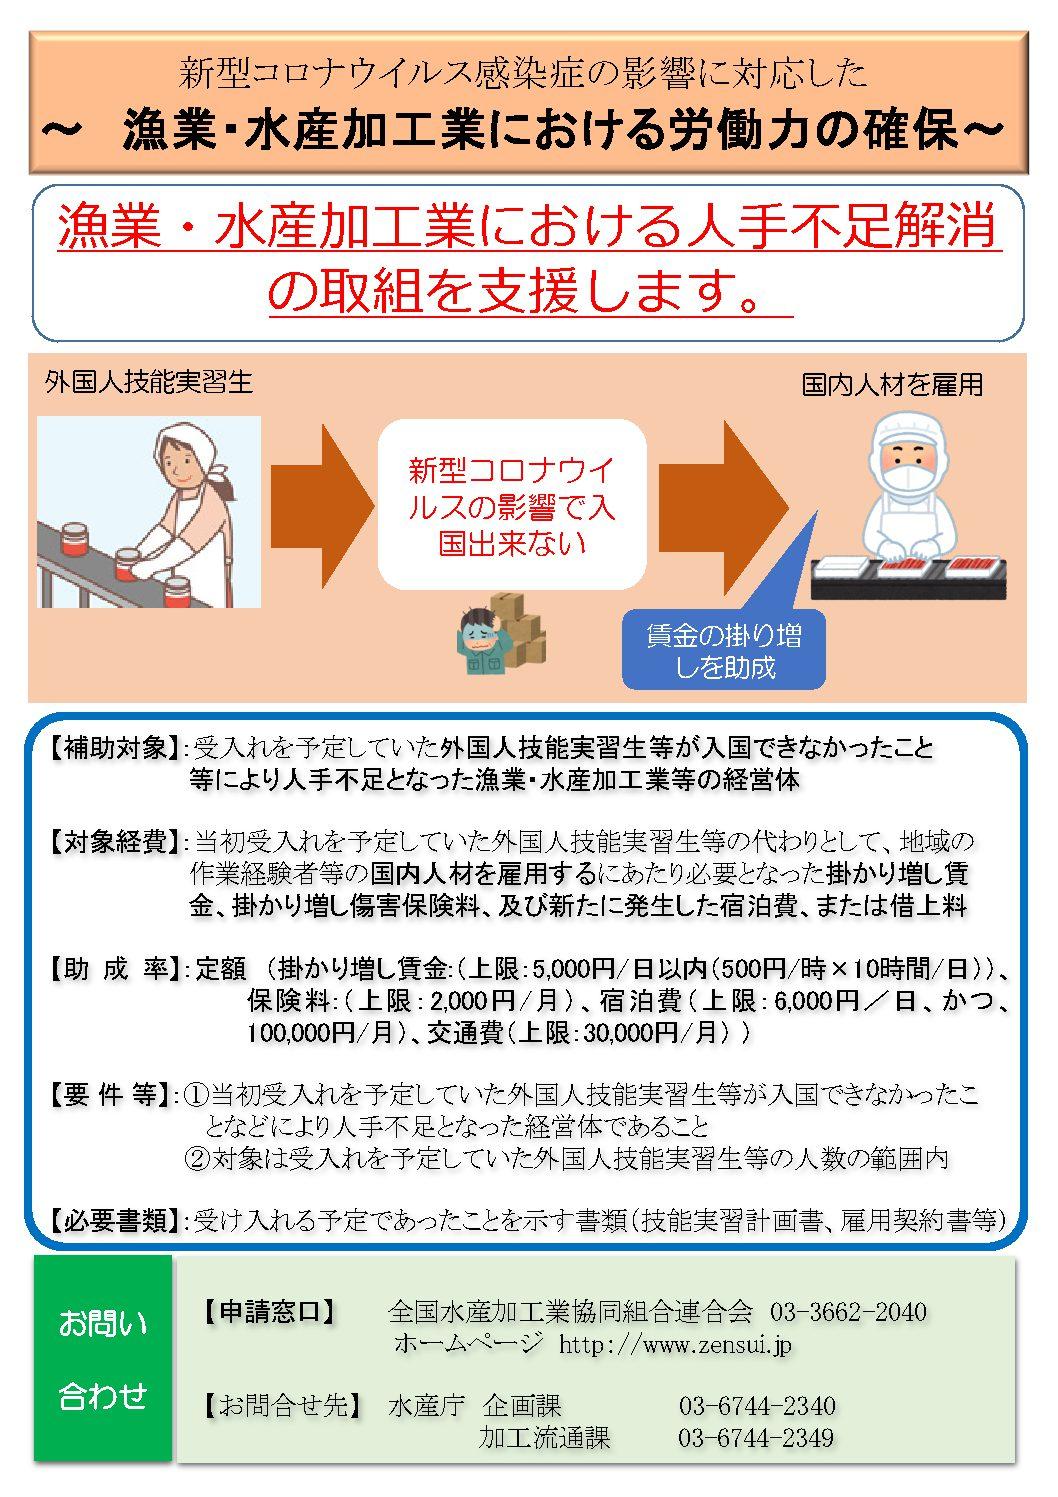 新型コロナウイルス感染症の影響に対応した ~ 漁業・水産加工業における労働力の確保~について